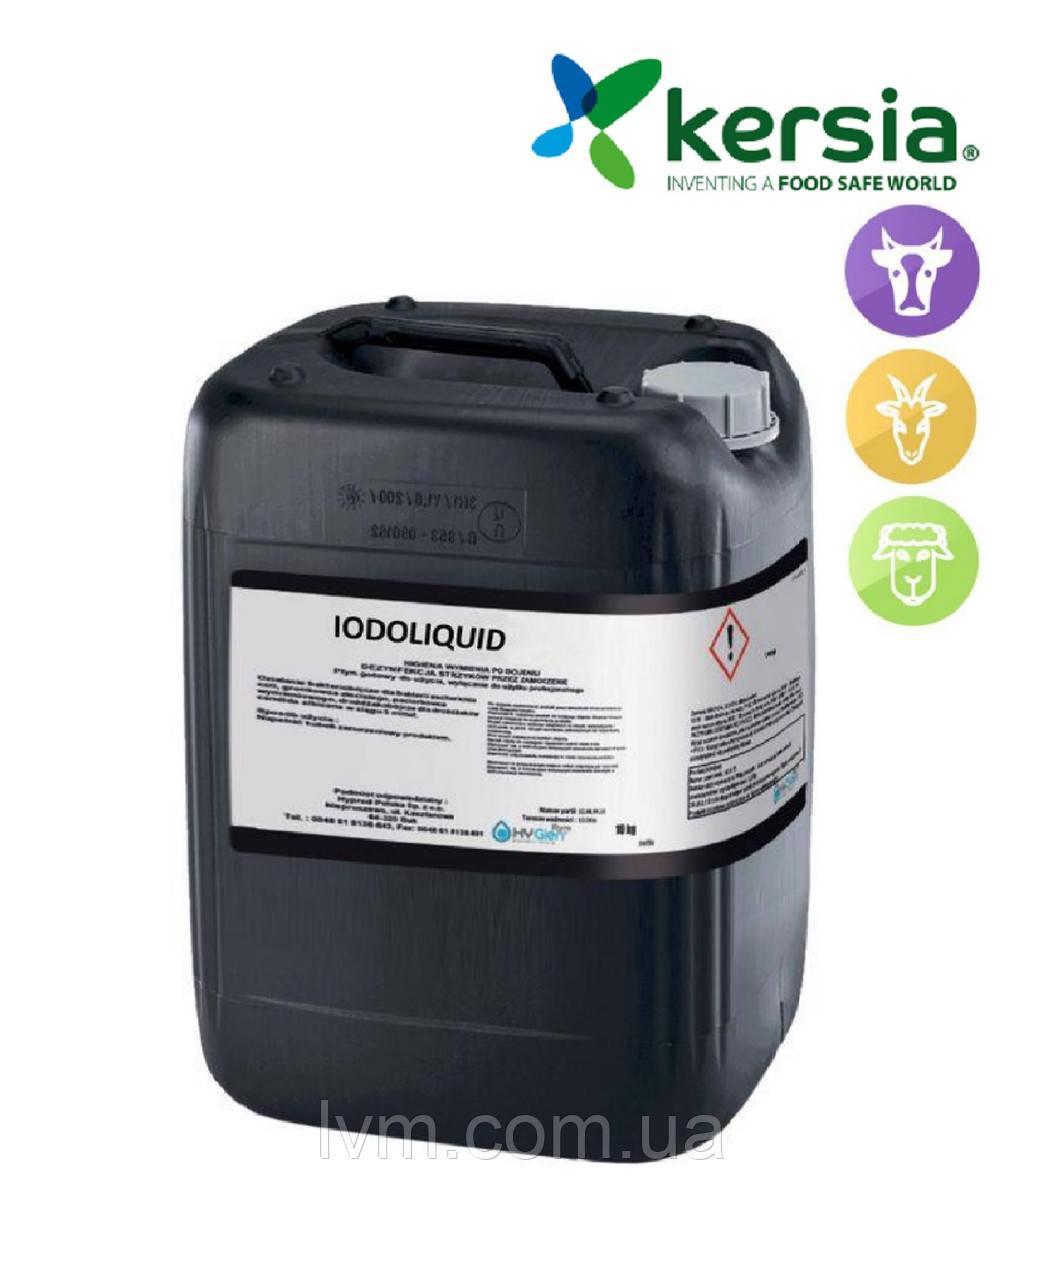 Средство ЙОДОЛИКВИД ПЛЮС-2500 5л (IODOLIQUID+), для дезинфекции сосков после дойки KERSIA (Франция)